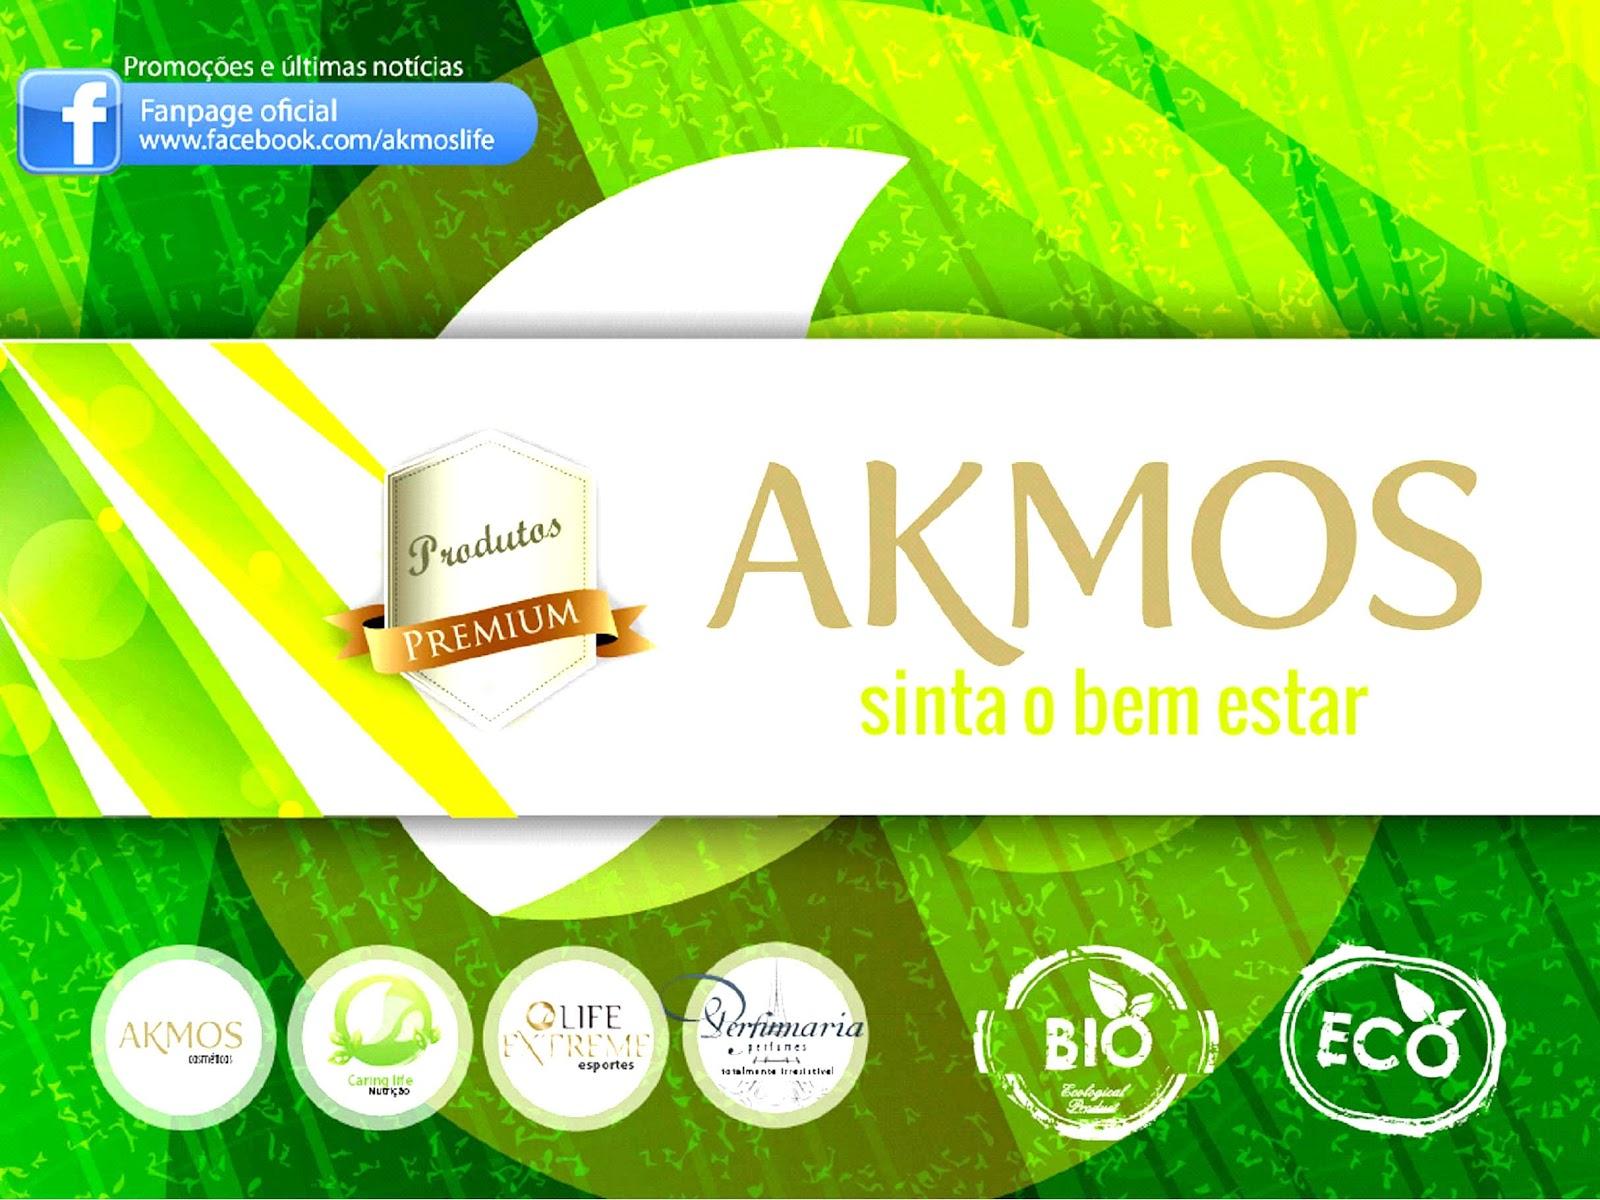 Акмос